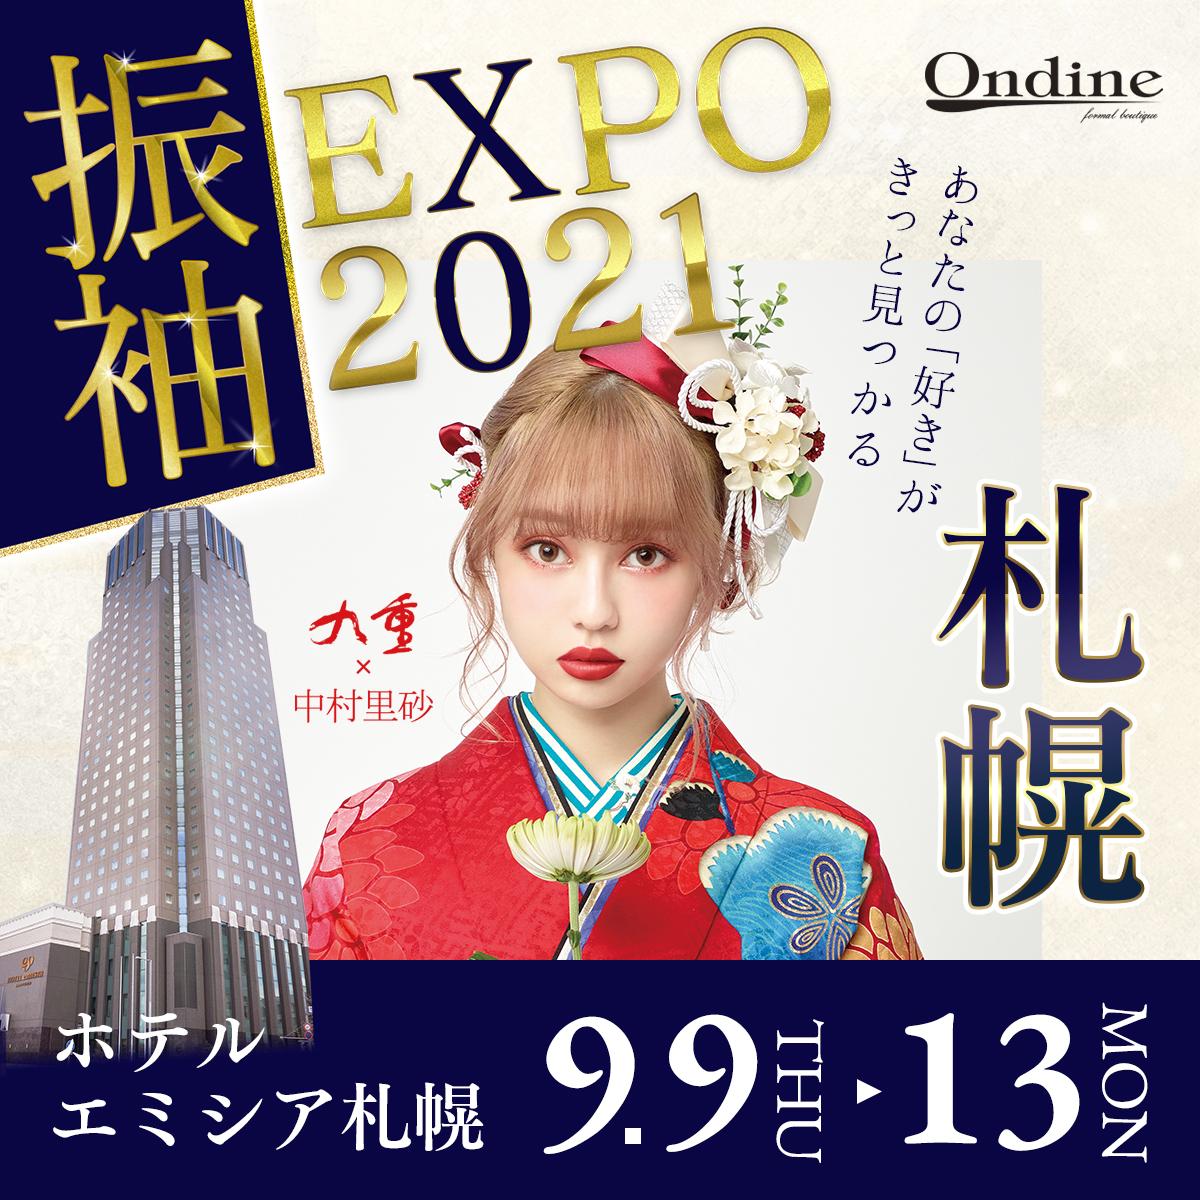 【振袖EXPO2021】特別な5日間!〔ホテルエミシア札幌〕で運命の一着が見つかる♪